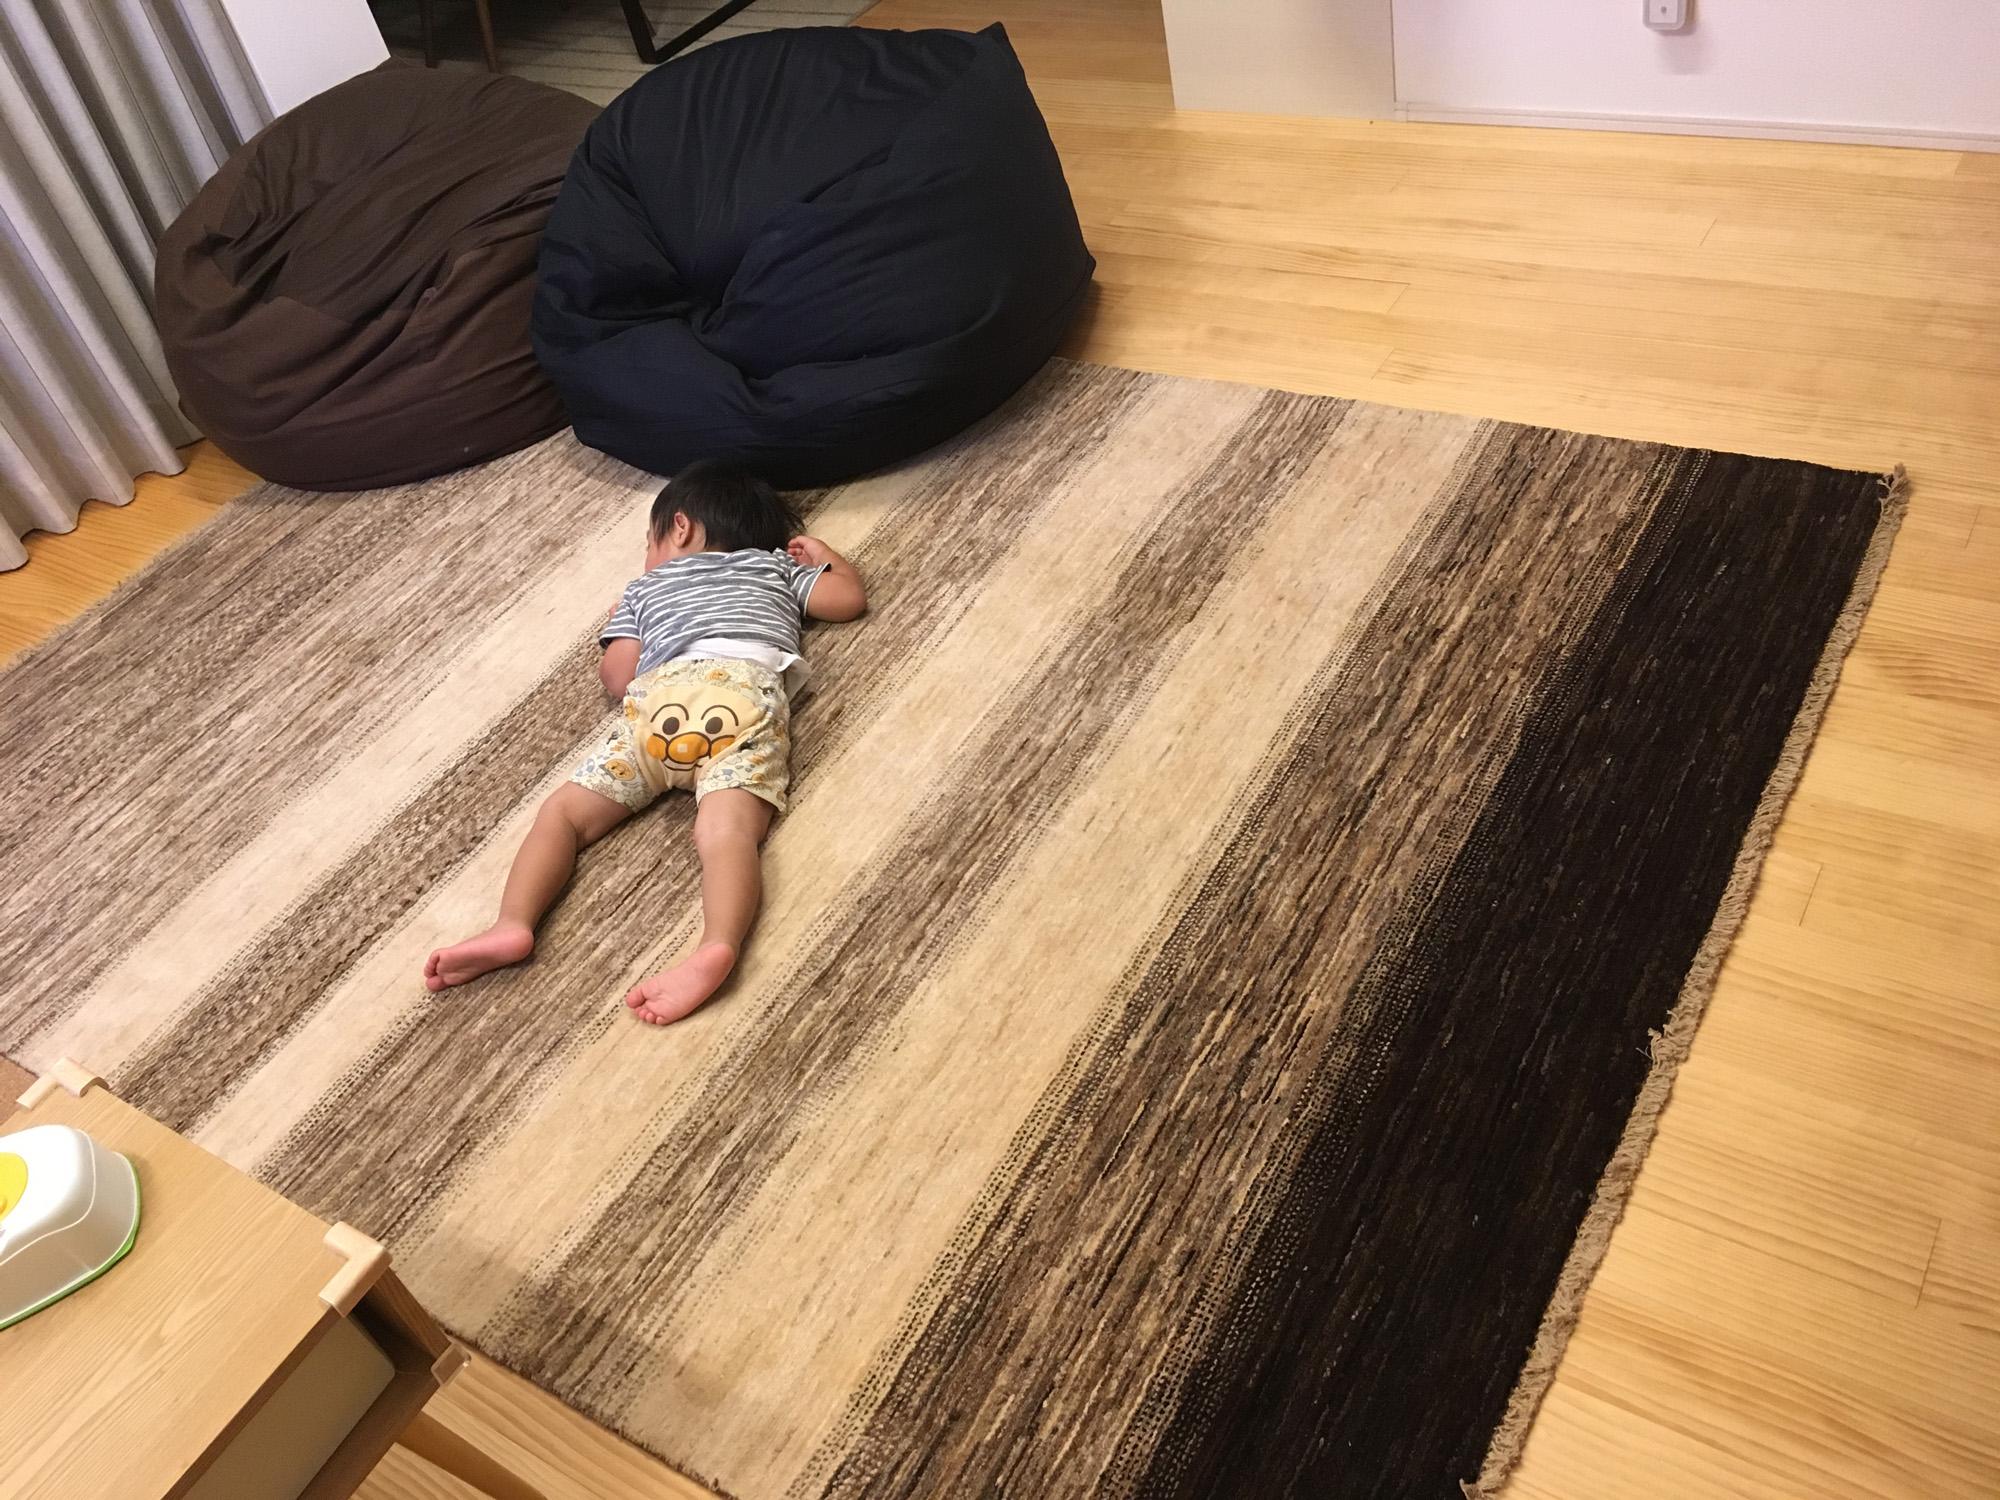 ハグみじゅうたんの上で赤ちゃんが寝ている